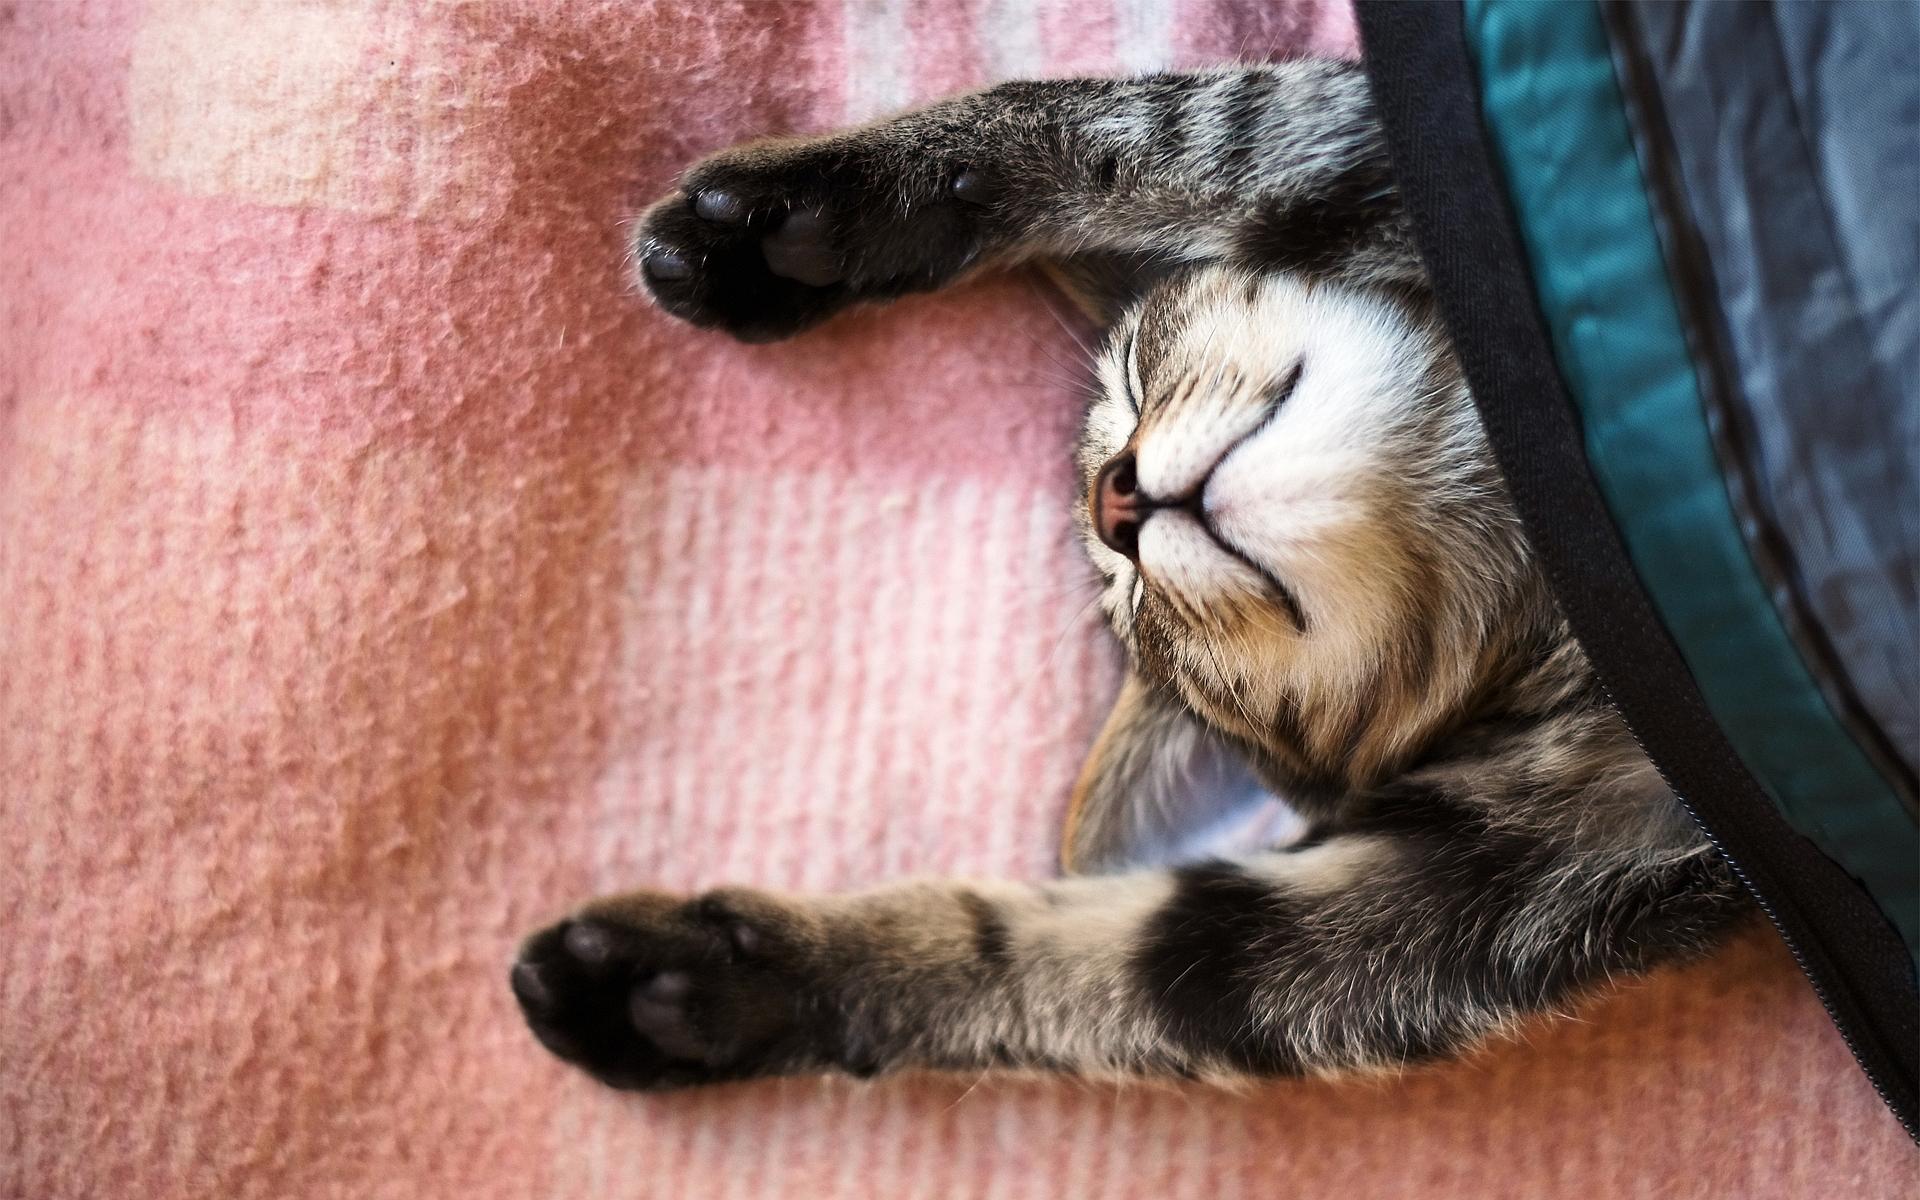 6979580-cute-cat-sleeping